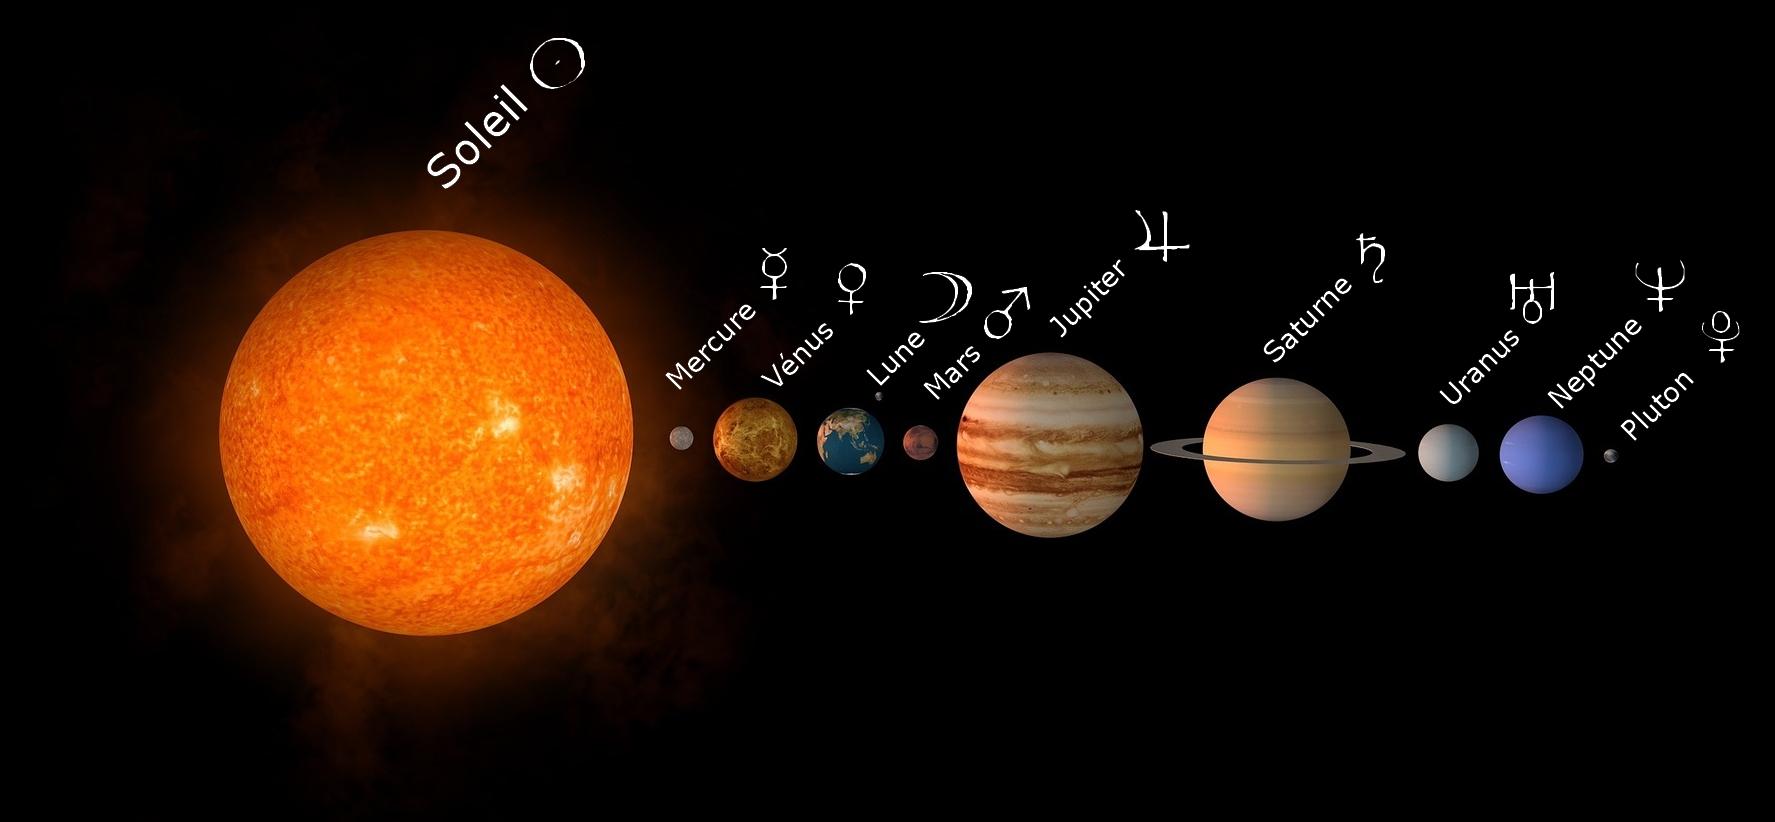 Planètes intérieures et extérieures - astrologie